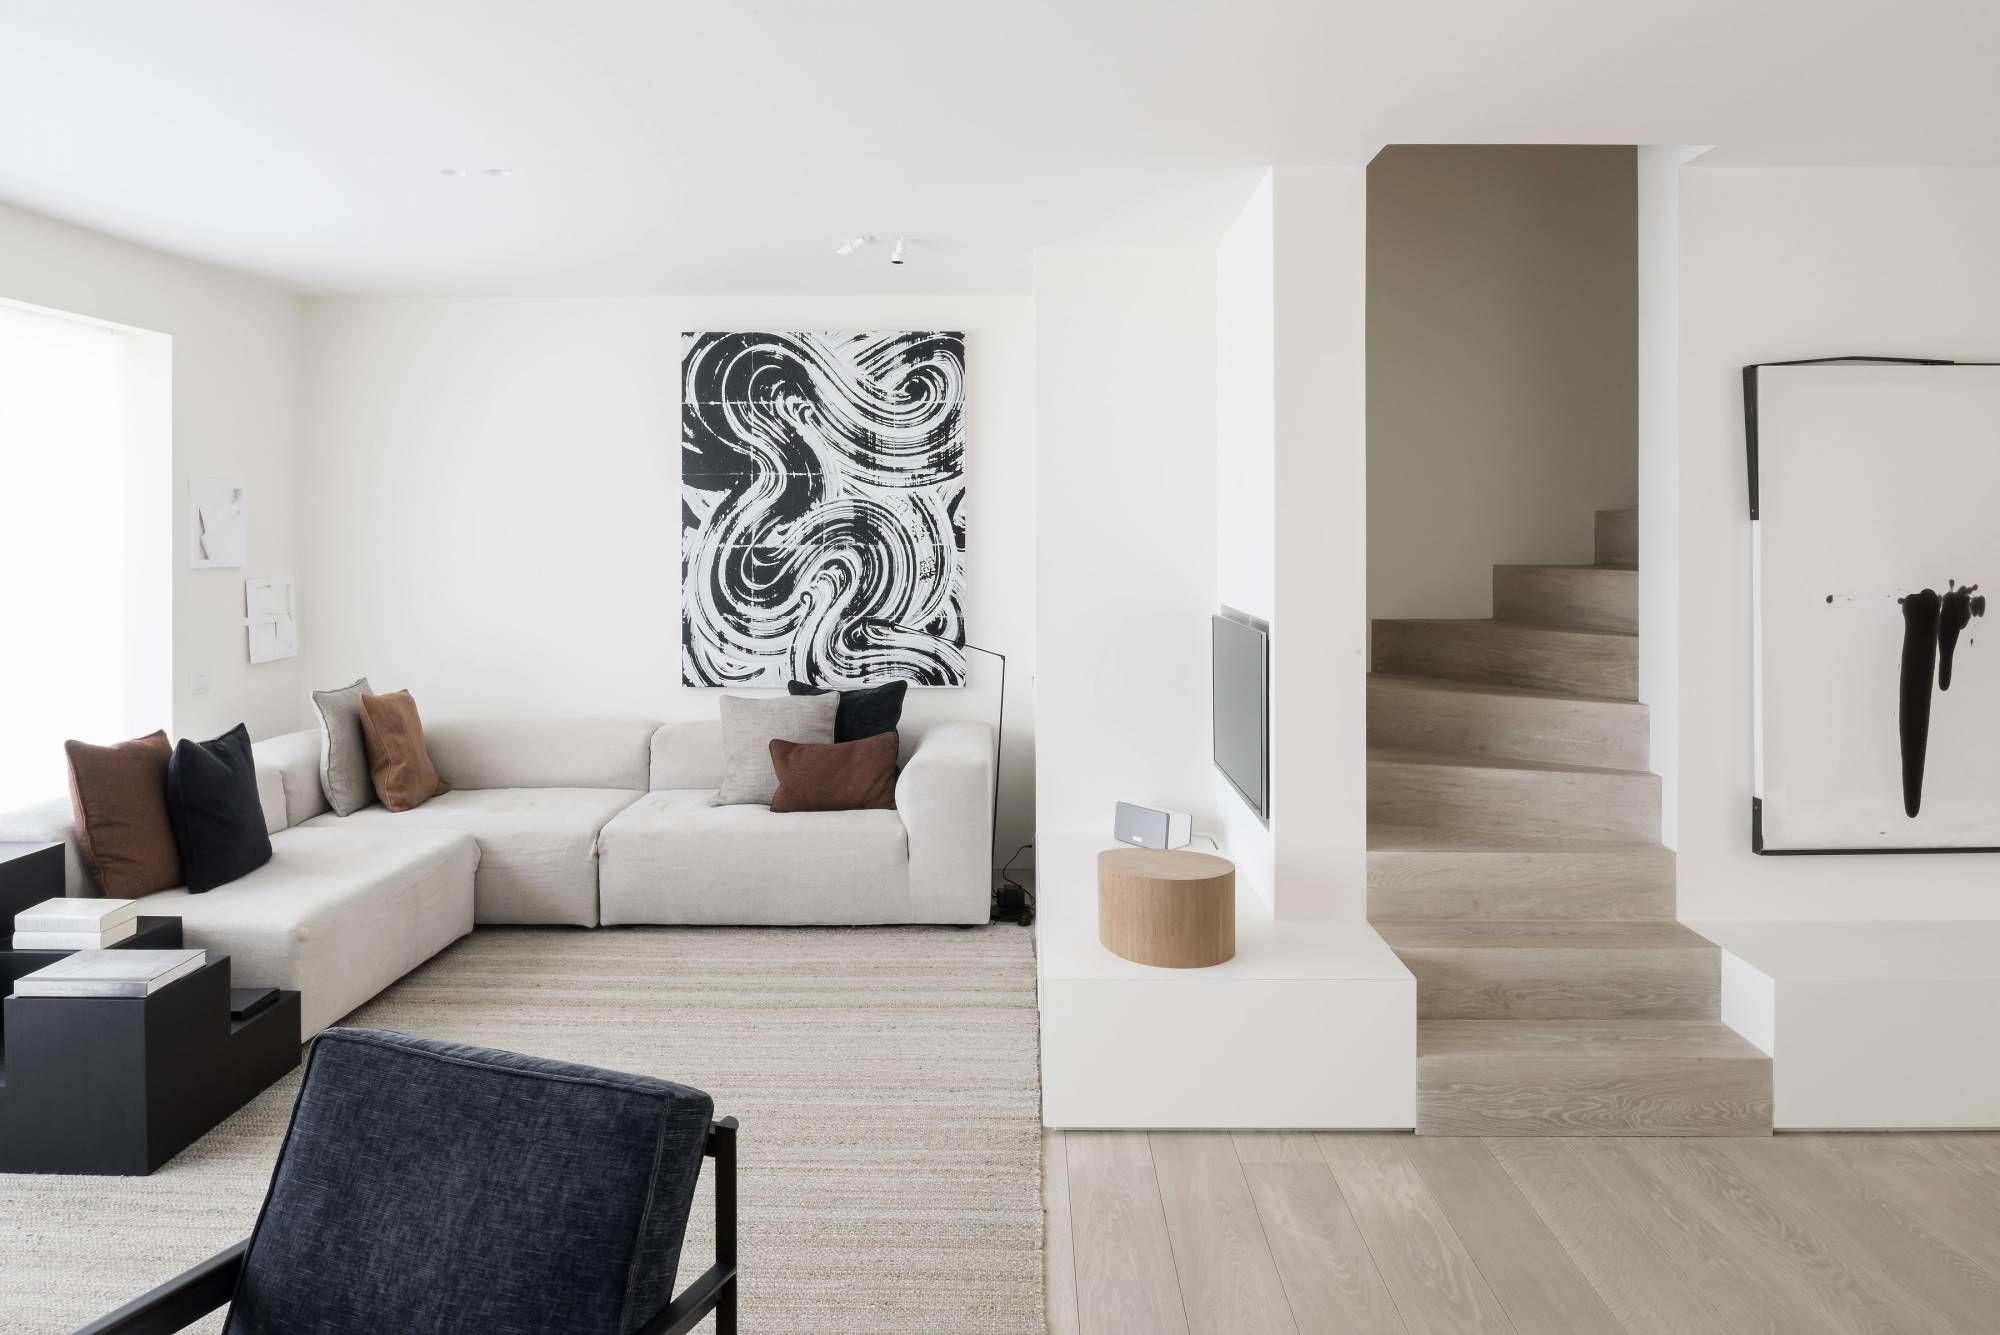 Appartement von Vincent Van Duysen im Minimalstil | interior ...